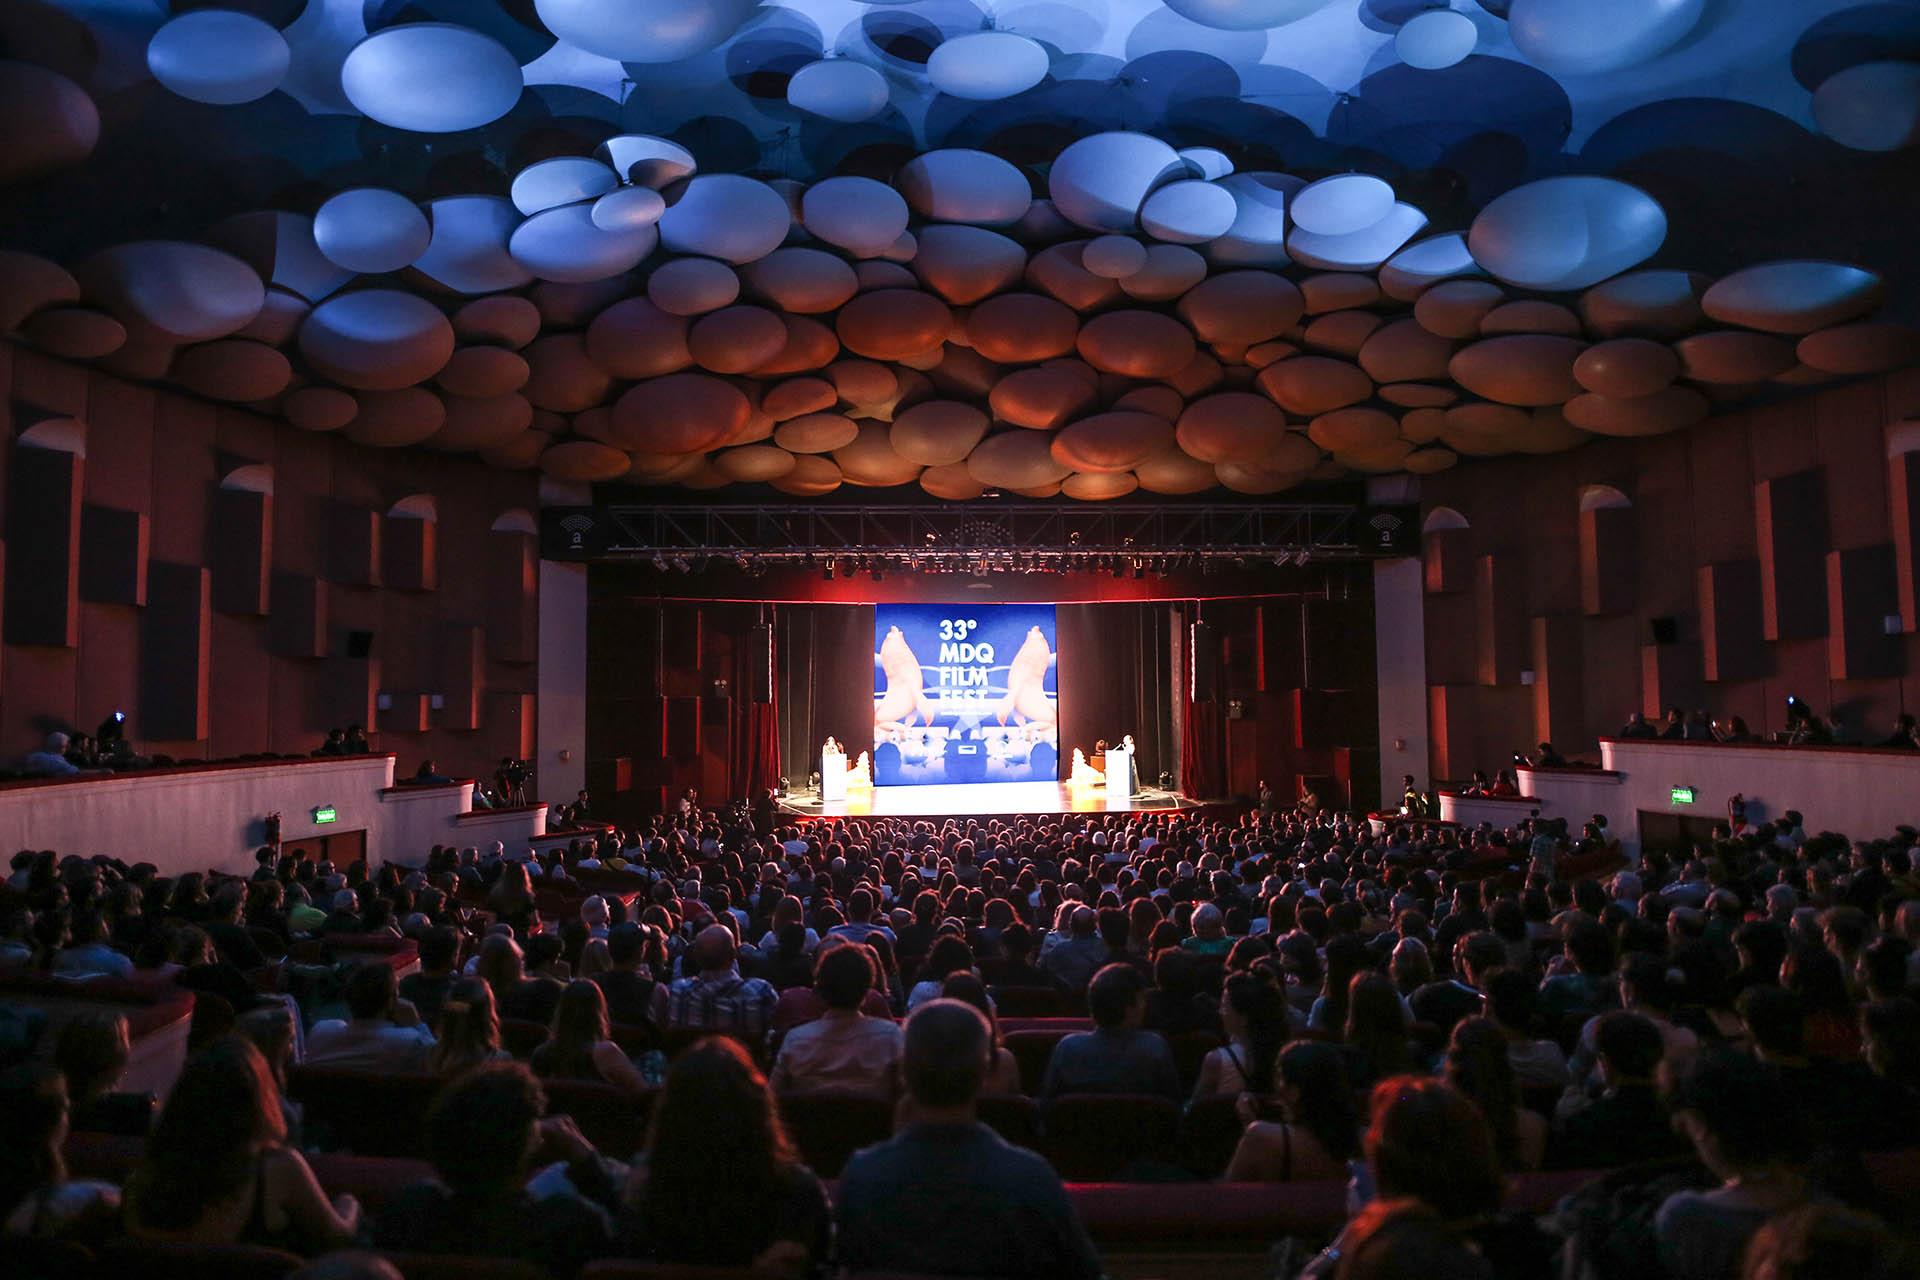 El festival, organizado por el Instituto Nacional de Cine y Artes audiovisuales, es uno de los más importantes eventos cinematográficos en Lationamérica (We Prensa y Comunicación)